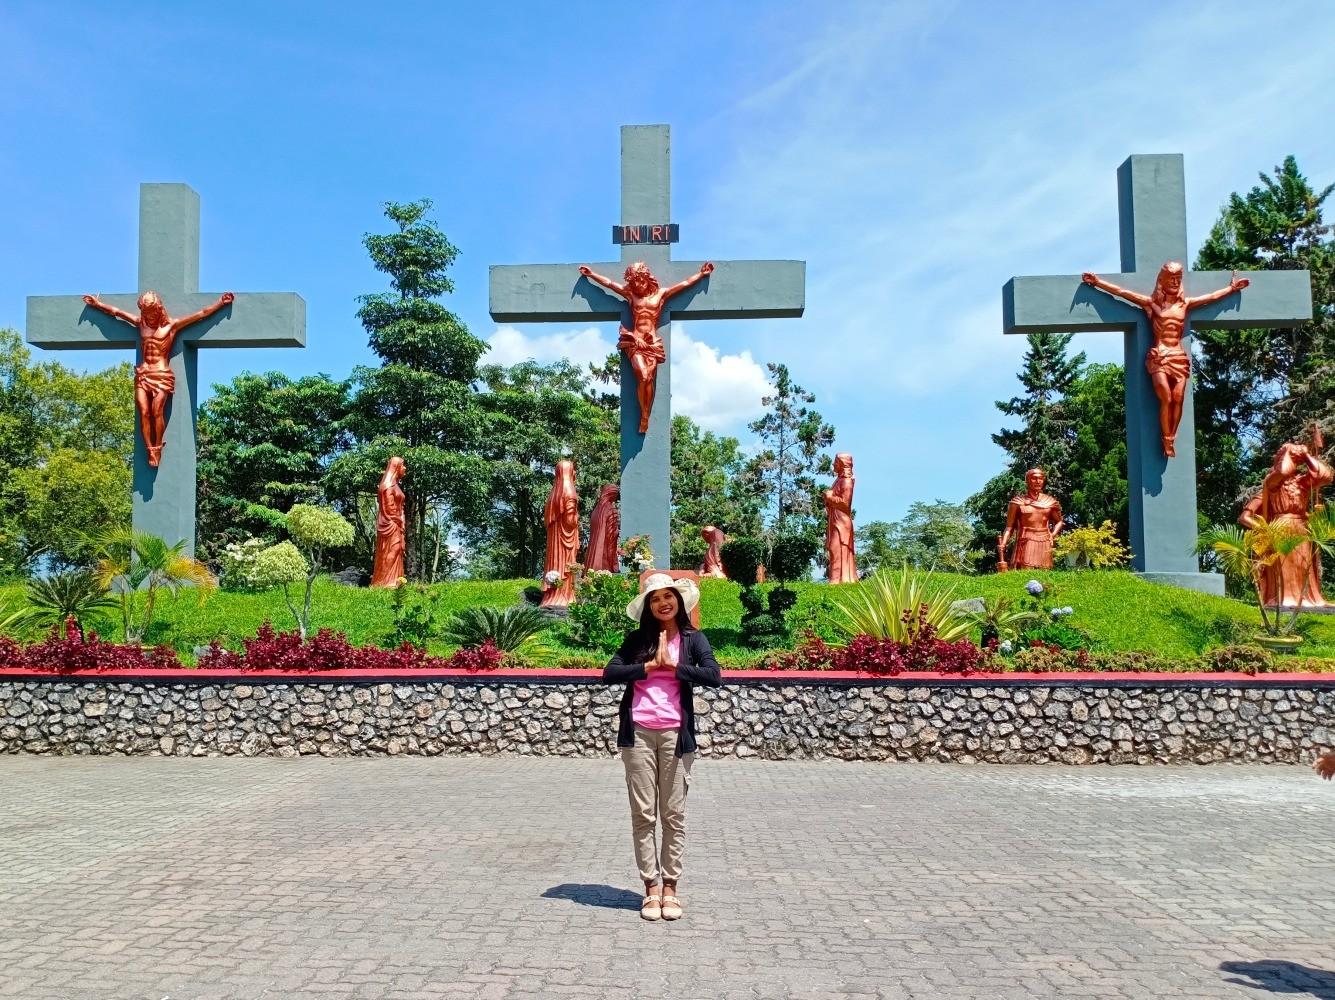 Taman Wisata Iman Sitinjo Tiket Ragam Aktivitas April 2021 Travelspromo